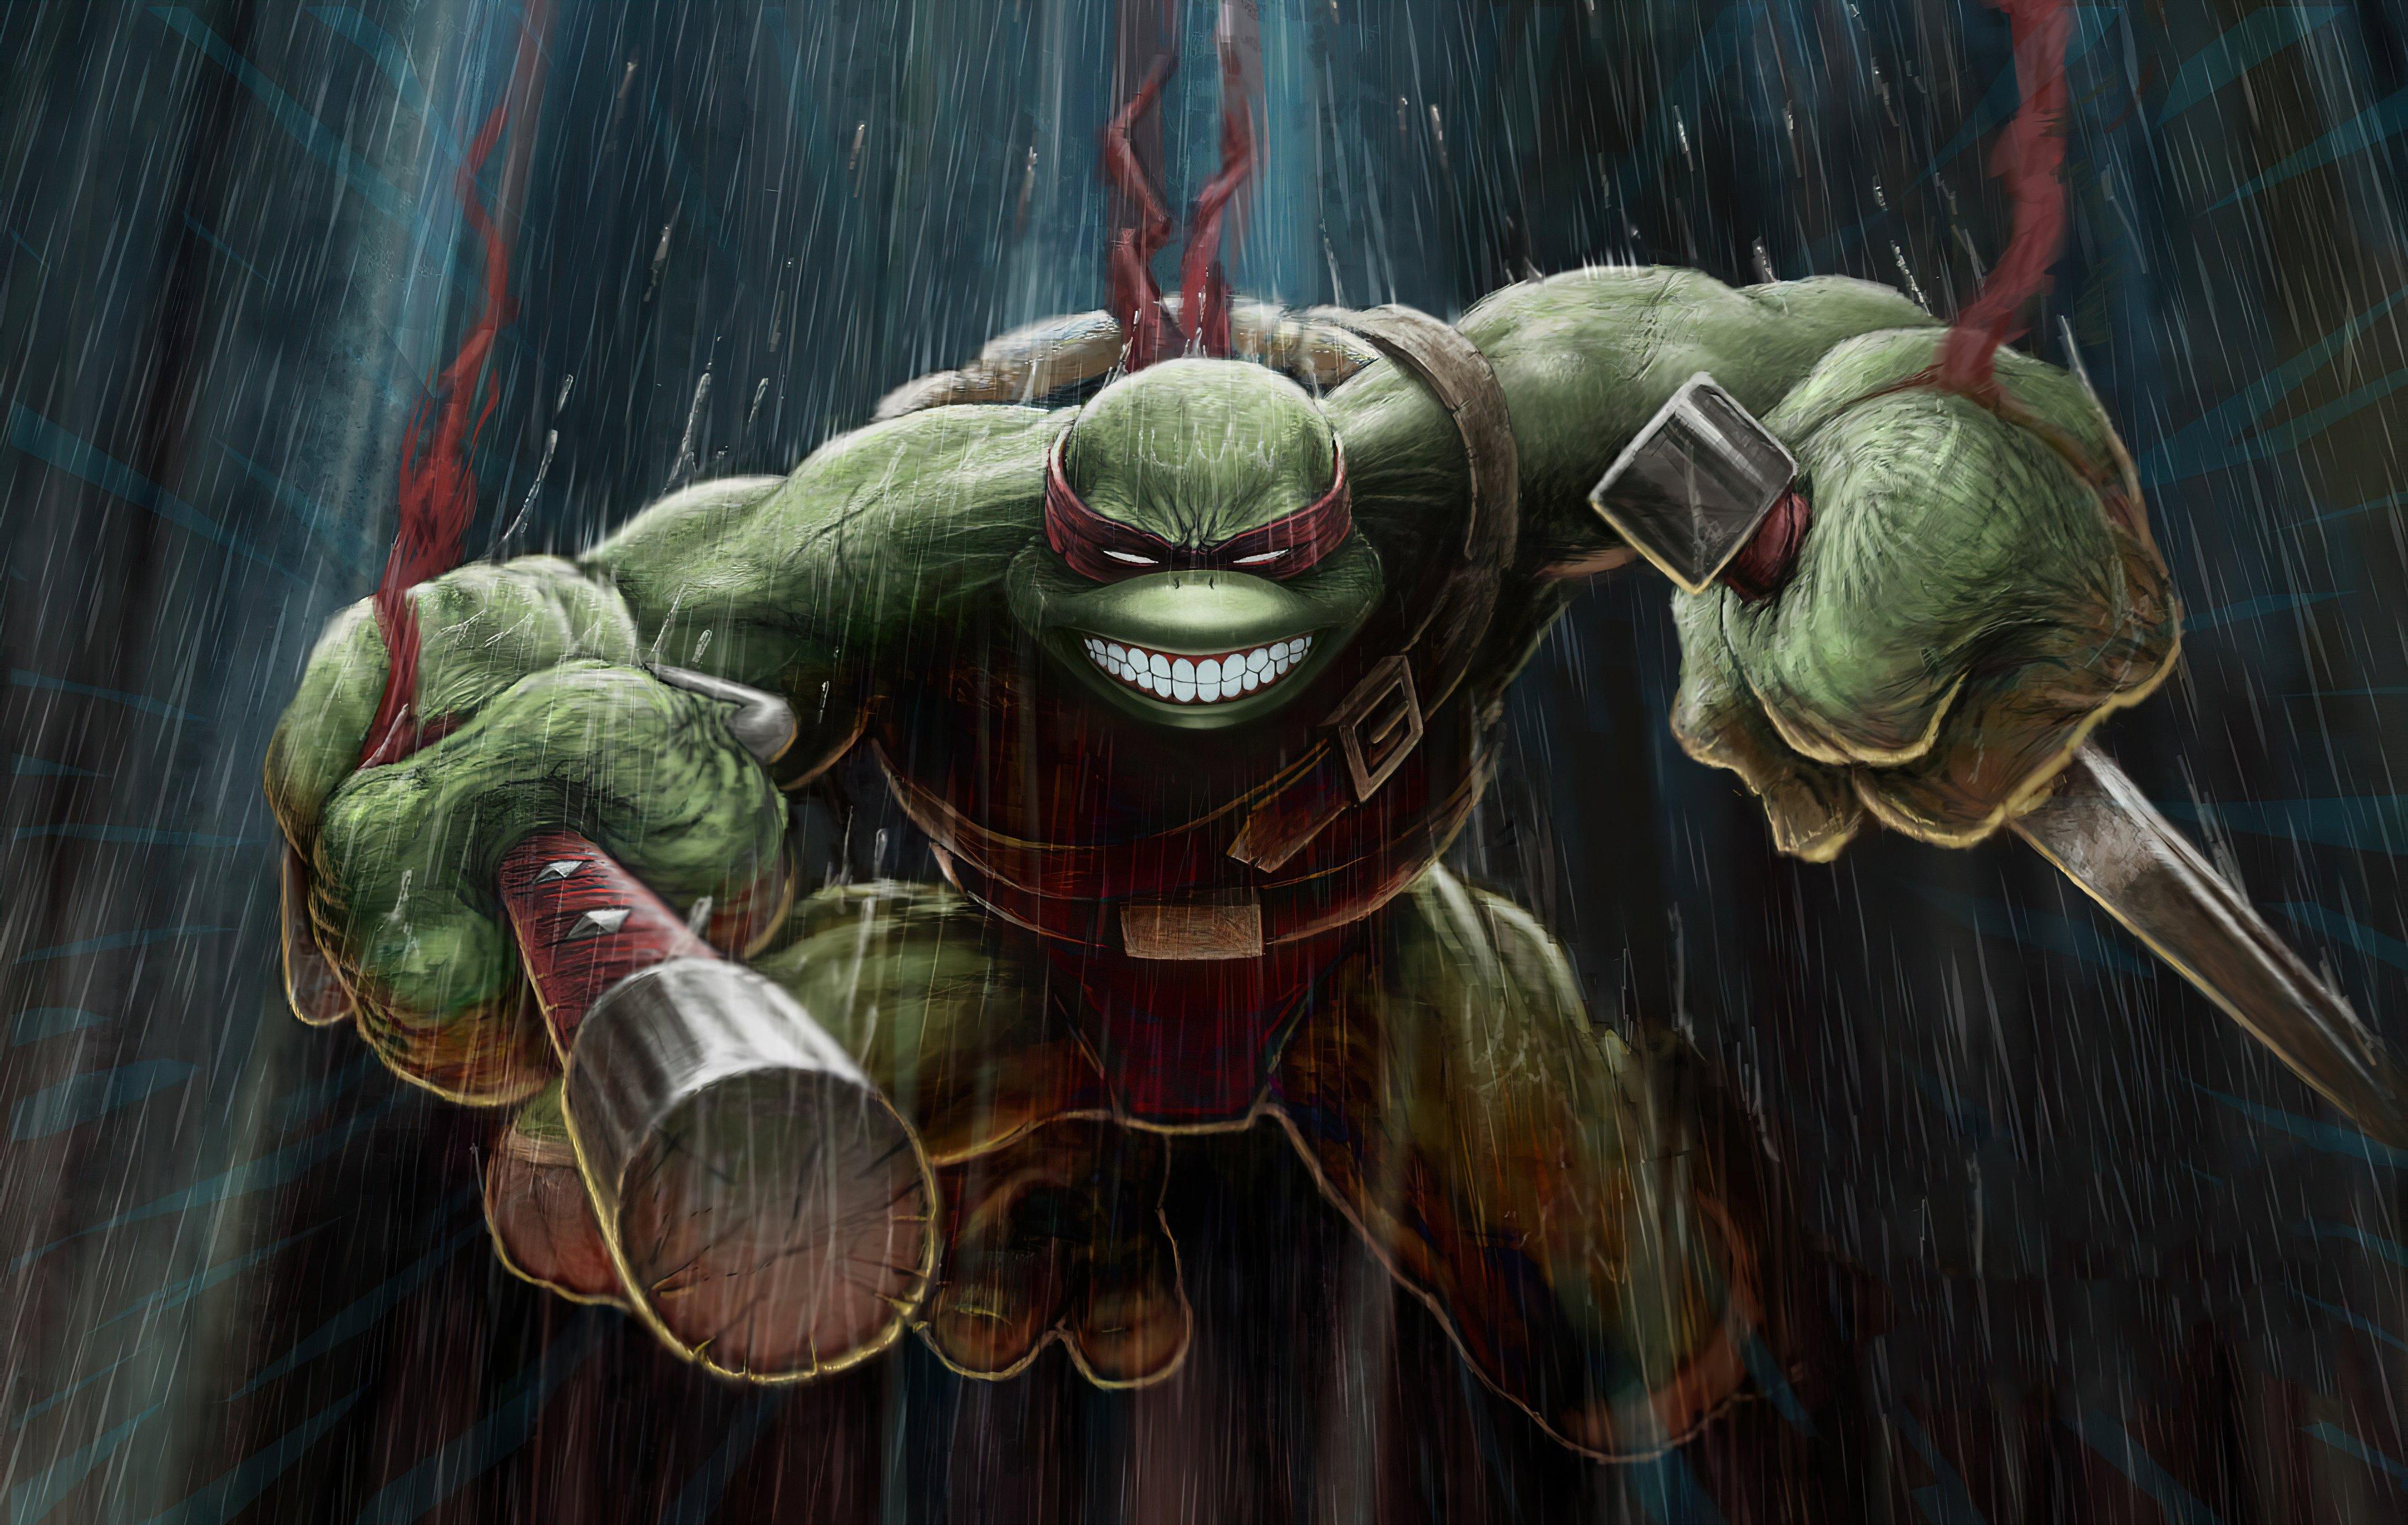 Wallpaper Ninja Turtle Raphael